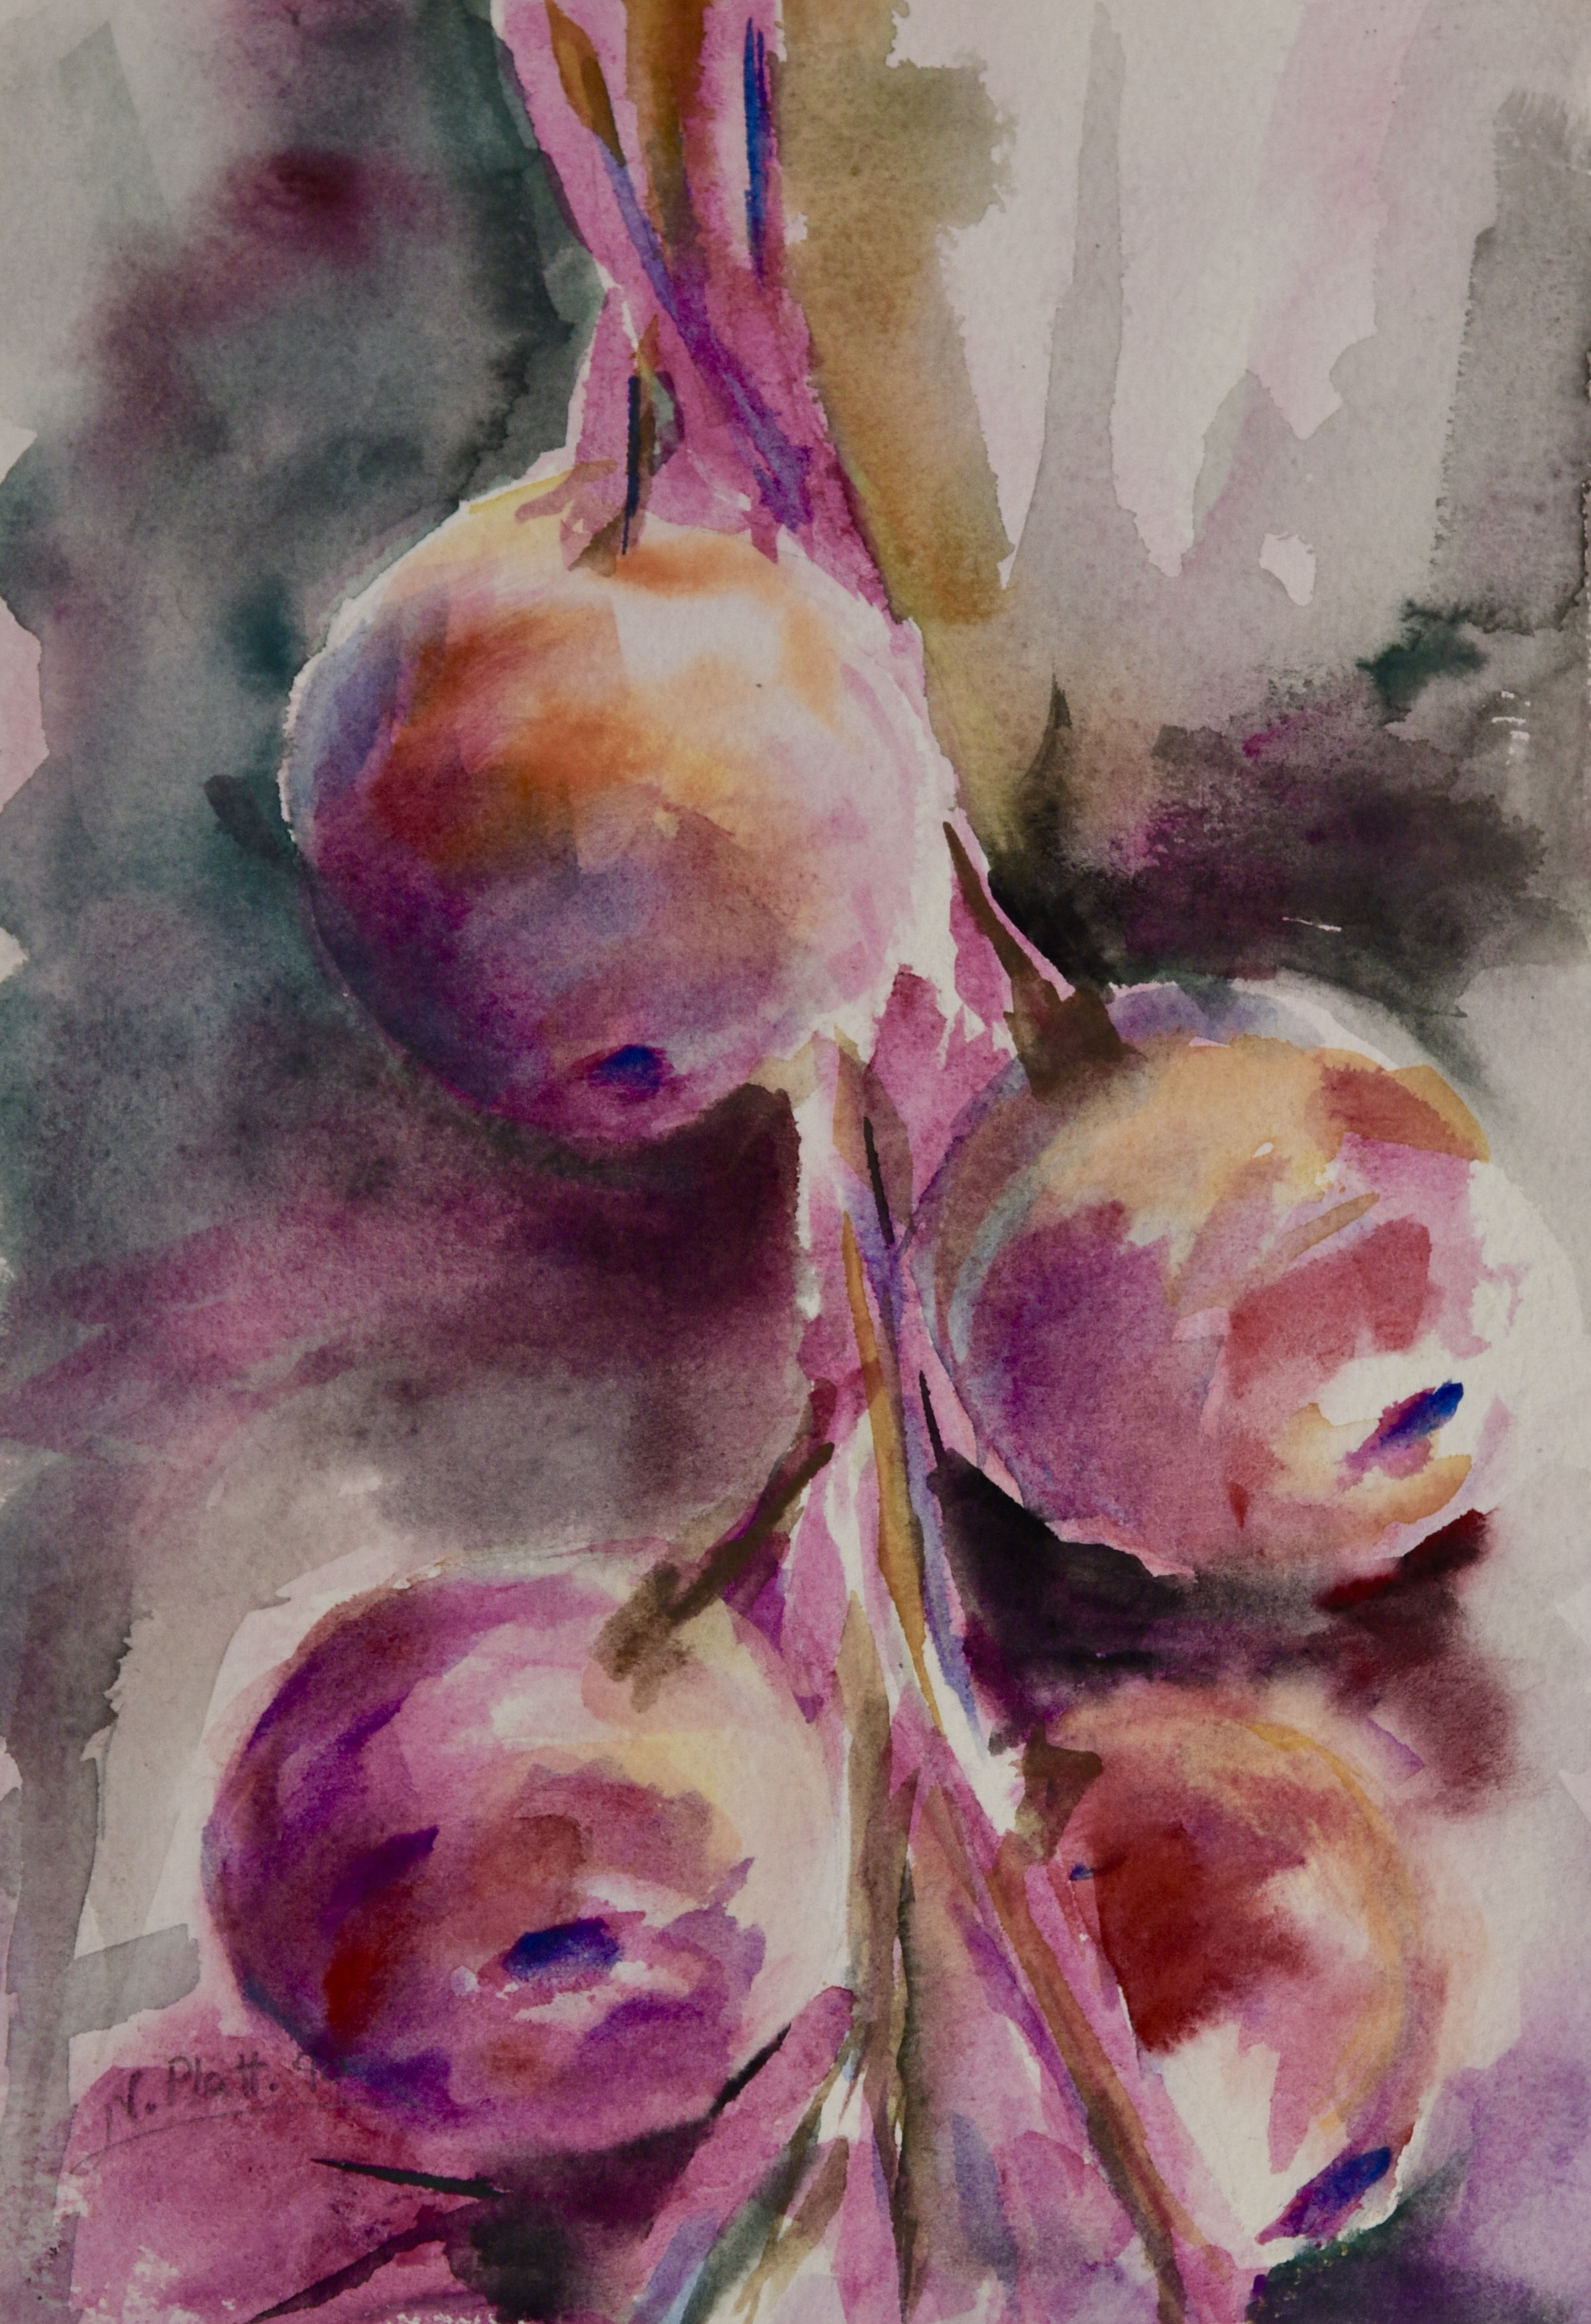 Cherries_11x7.5_70.jpg